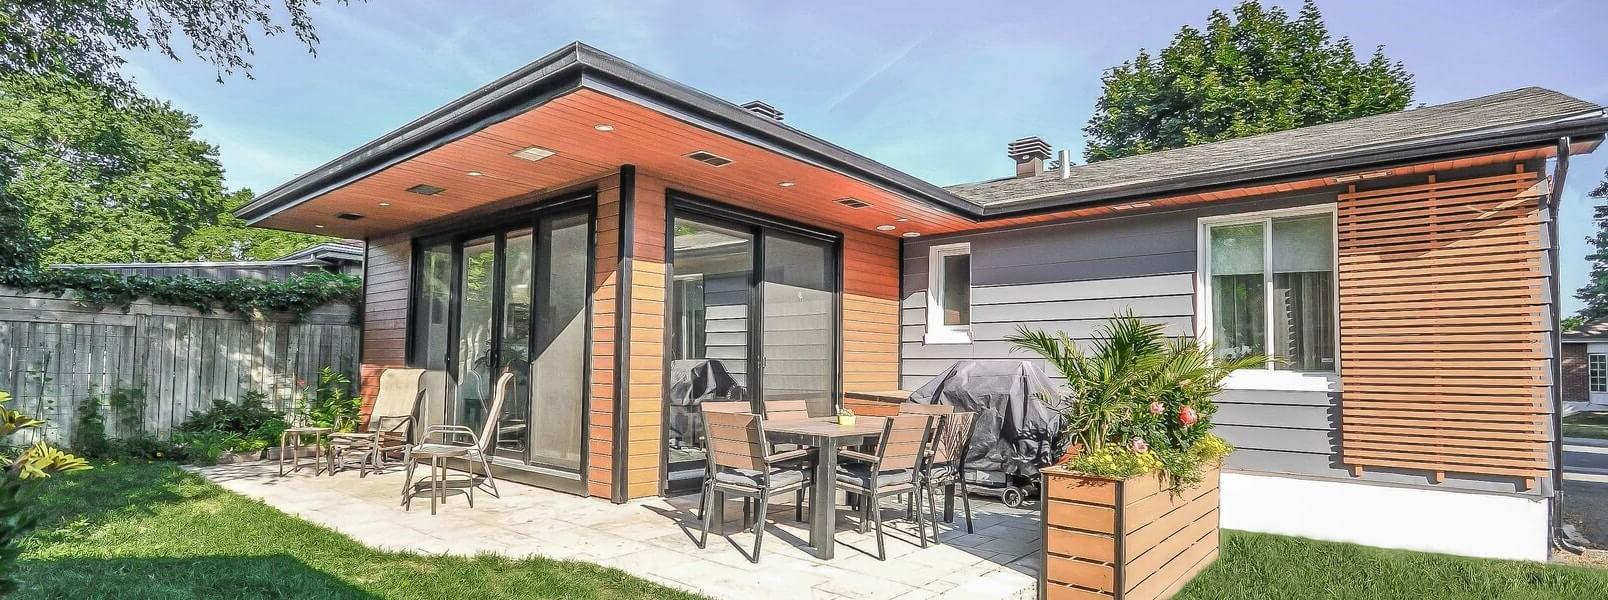 Non seulement vous ferez des économies à court terme, mais les extensions de maison sont un excellent moyen d'ajouter de la valeur à votre maison!